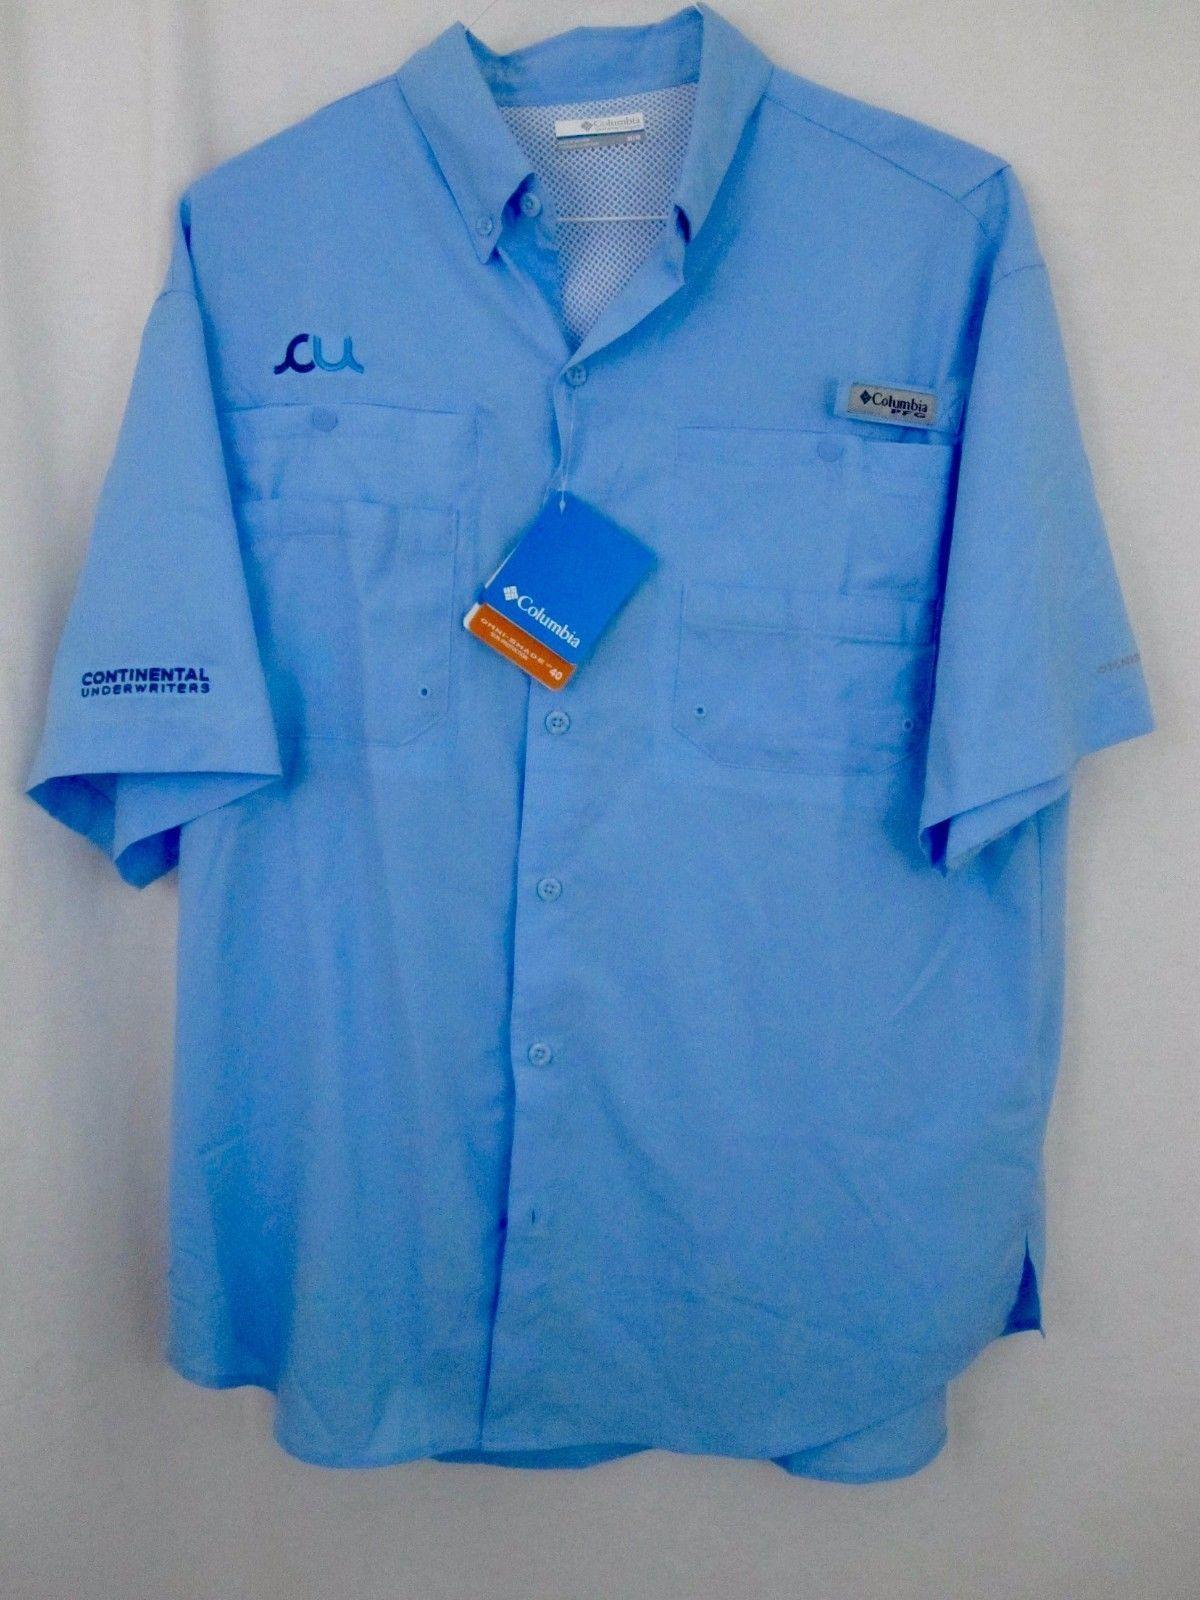 541bc47145052 Columbia Shirt Medium Blue PFG Continental and 50 similar items. 57